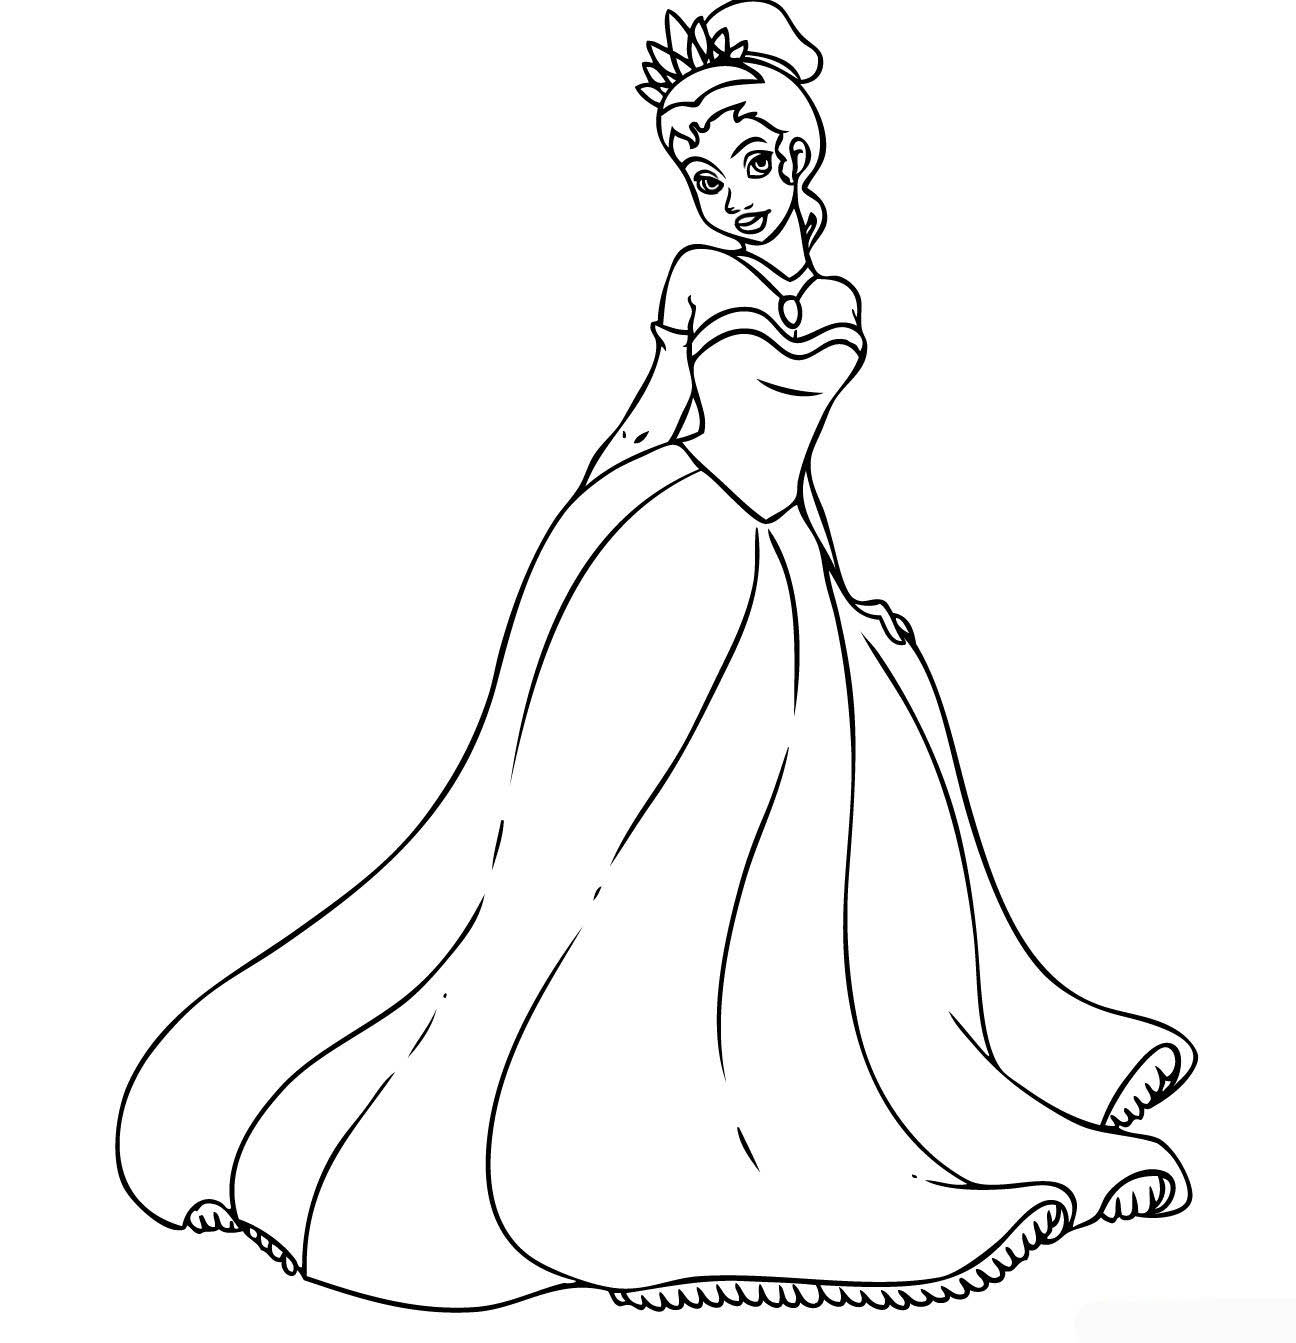 Disney Princess: Disney Princess Tiana Coloring Pages To Girls